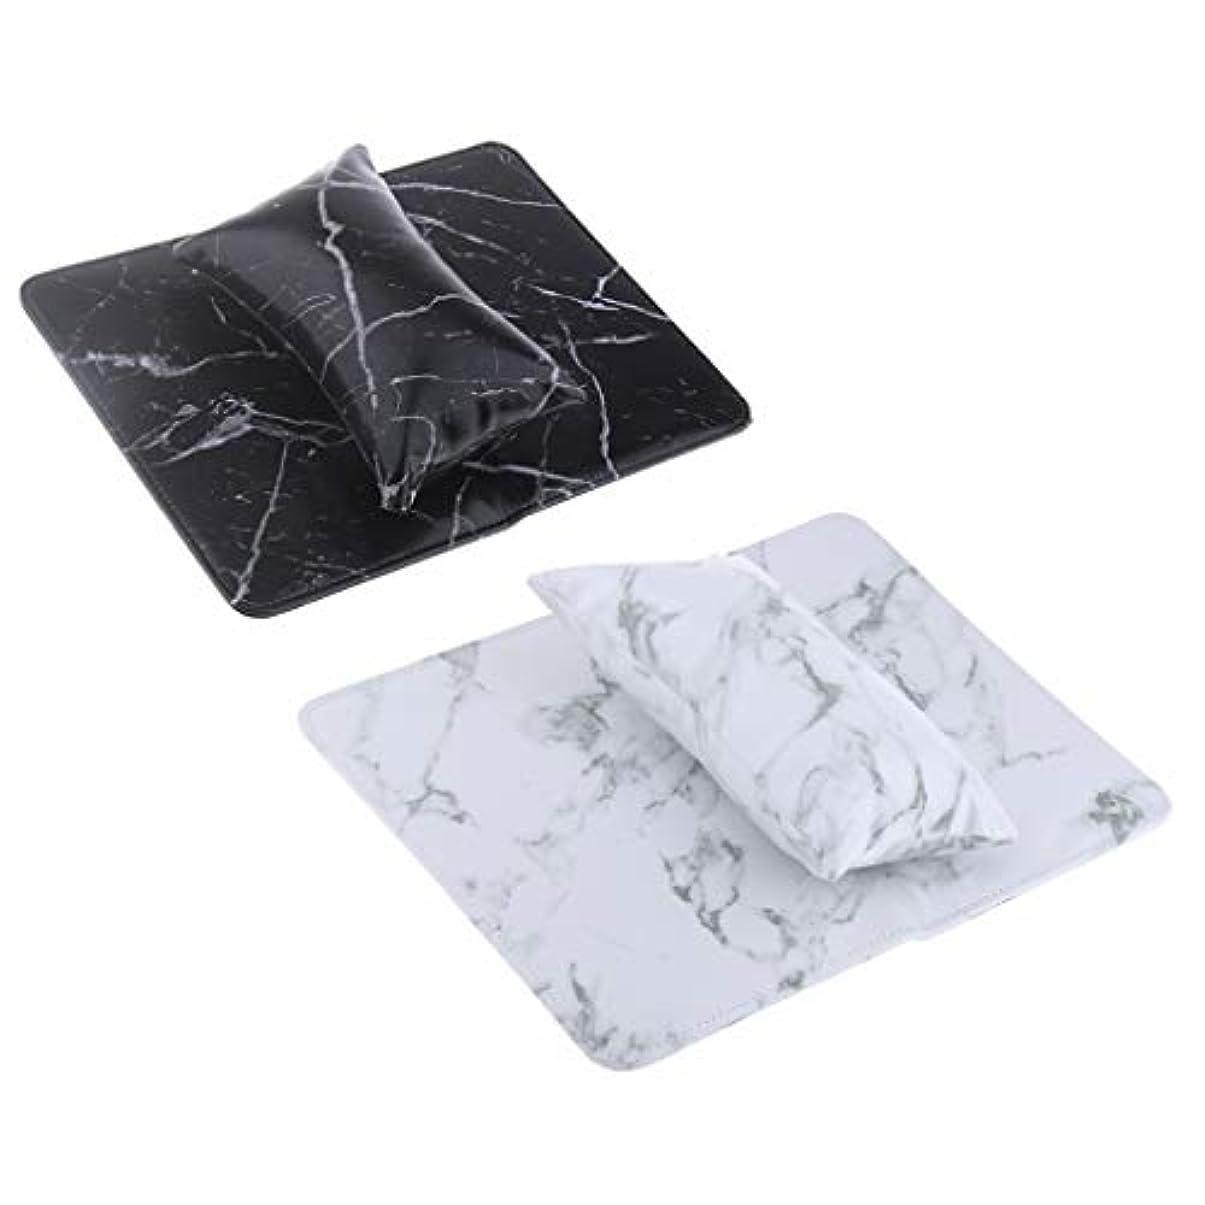 インターネット生むみなすCUTICATE 2セット ハンド枕 パッド付き ピロー 折りたたみ式パッド ネイルアート アームレストホルダー